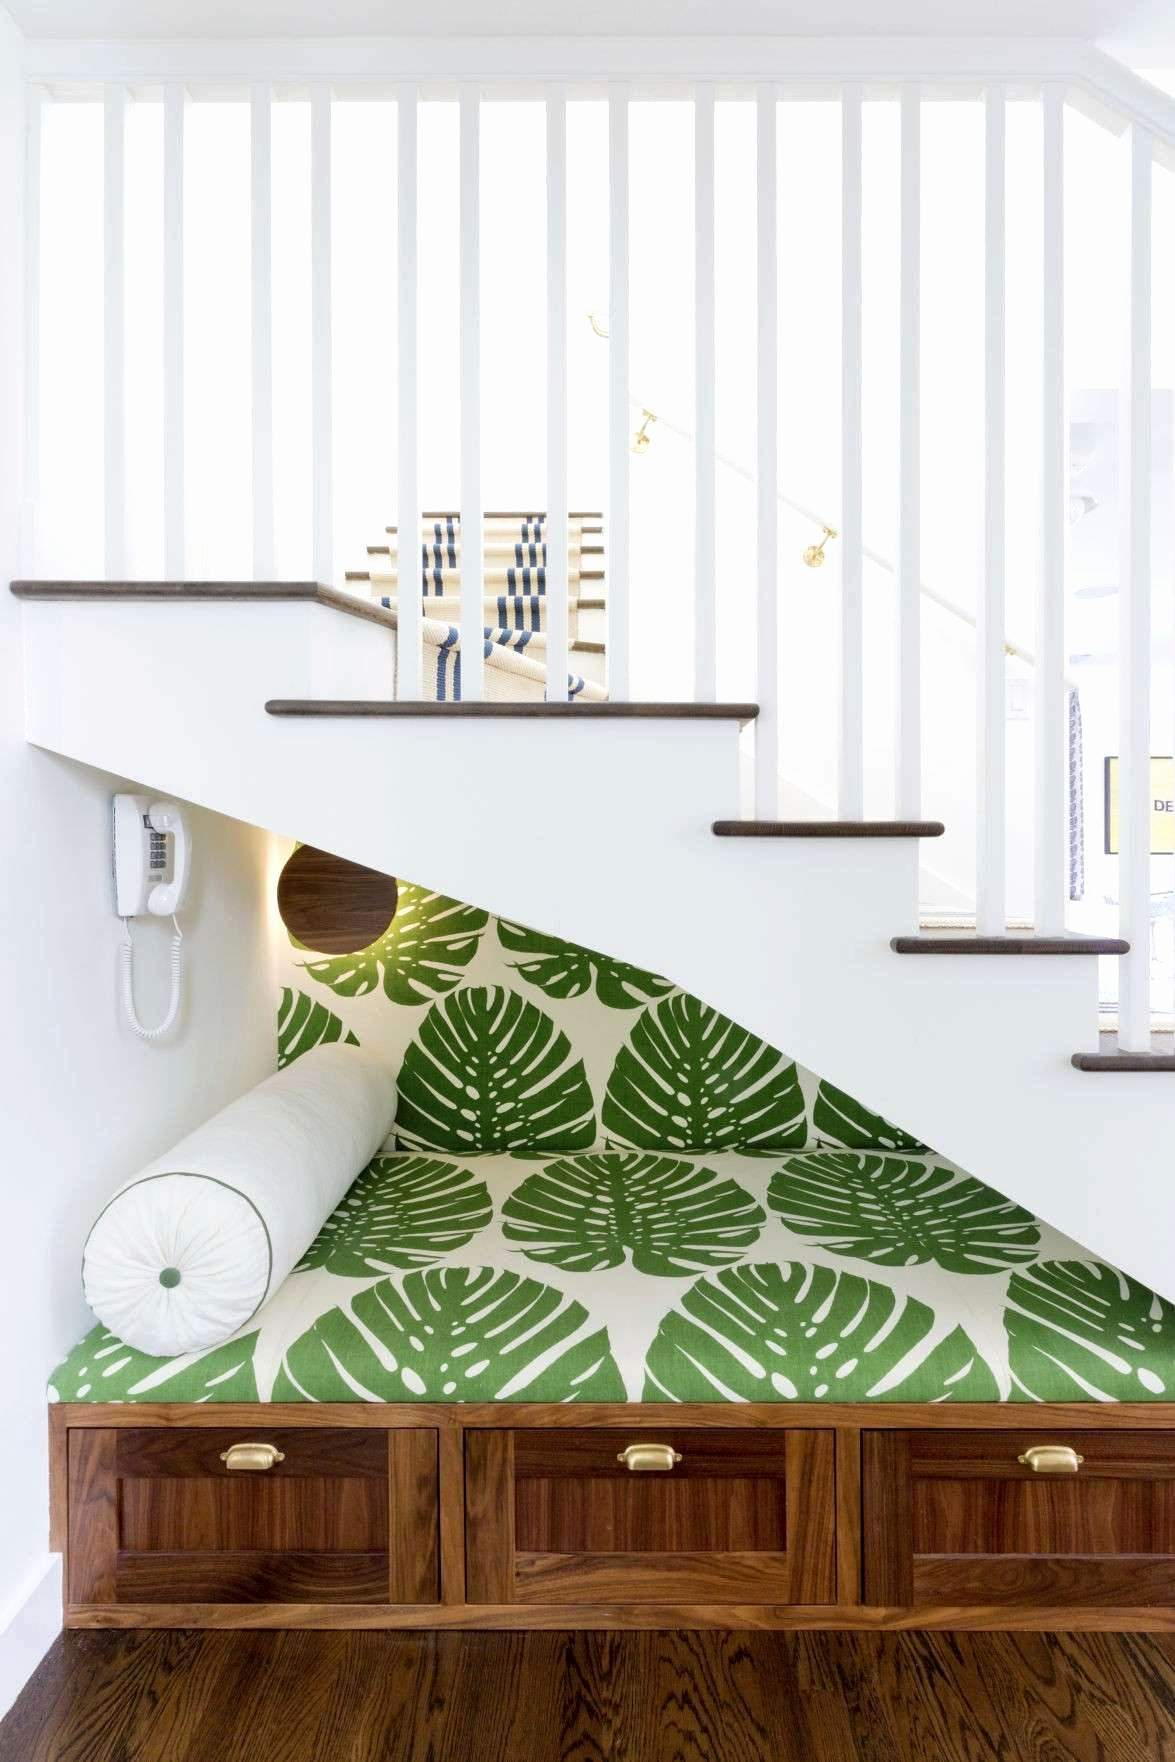 Full Size of Wohnzimmer Deckenleuchte Led Inspirierend Reizend Schlafzimmer Sessel Beleuchtung Decken Gardinen Wandbild Stehleuchte Vitrine Weiß Schrankwand Heizkörper Wohnzimmer Wohnzimmer Deckenleuchte